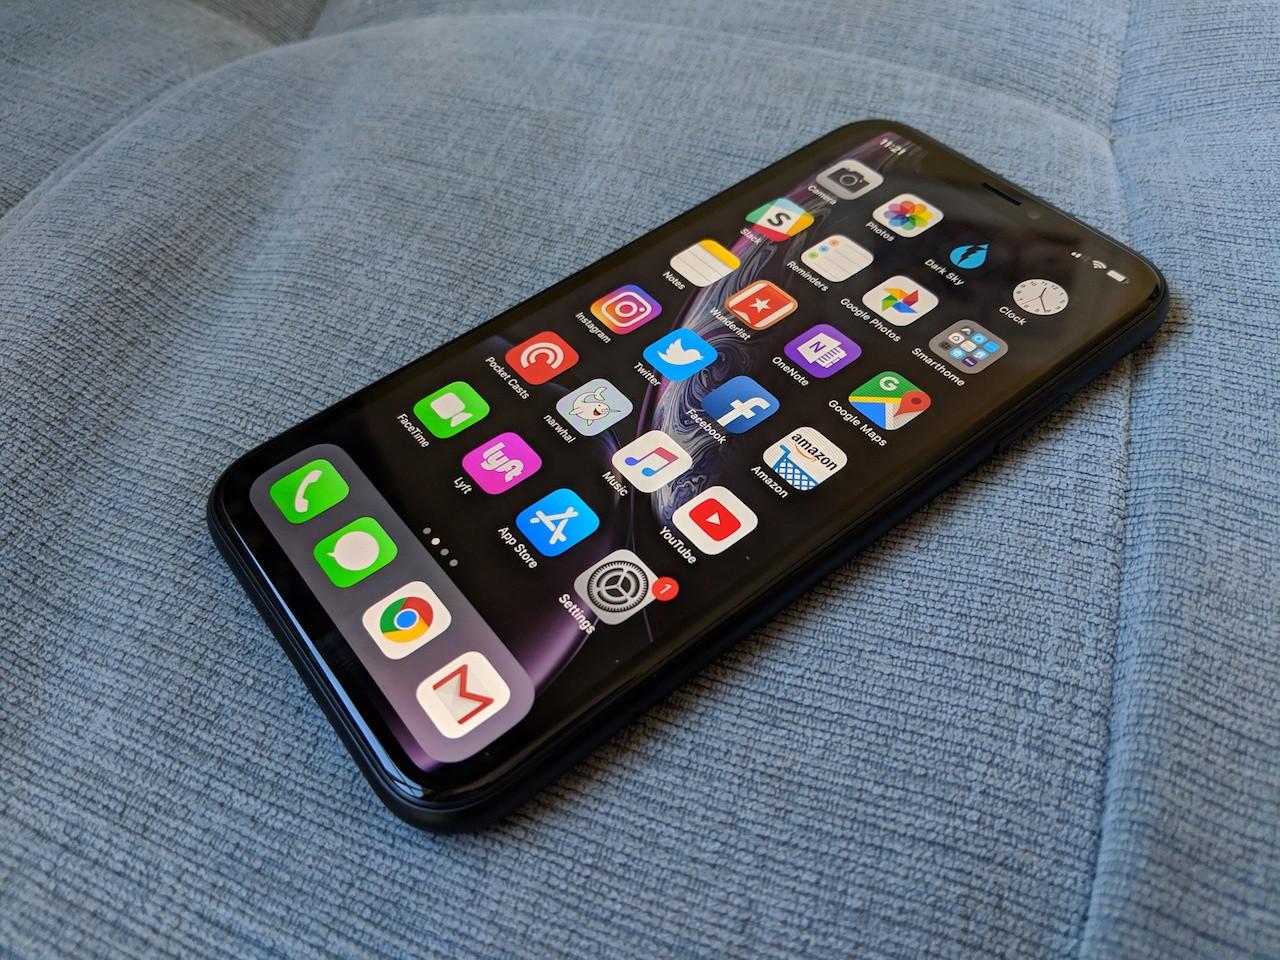 Không phải do ế, hóa ra Apple ghẻ lạnh với iPhone XR do lỗi sản xuất? - Ảnh 1.